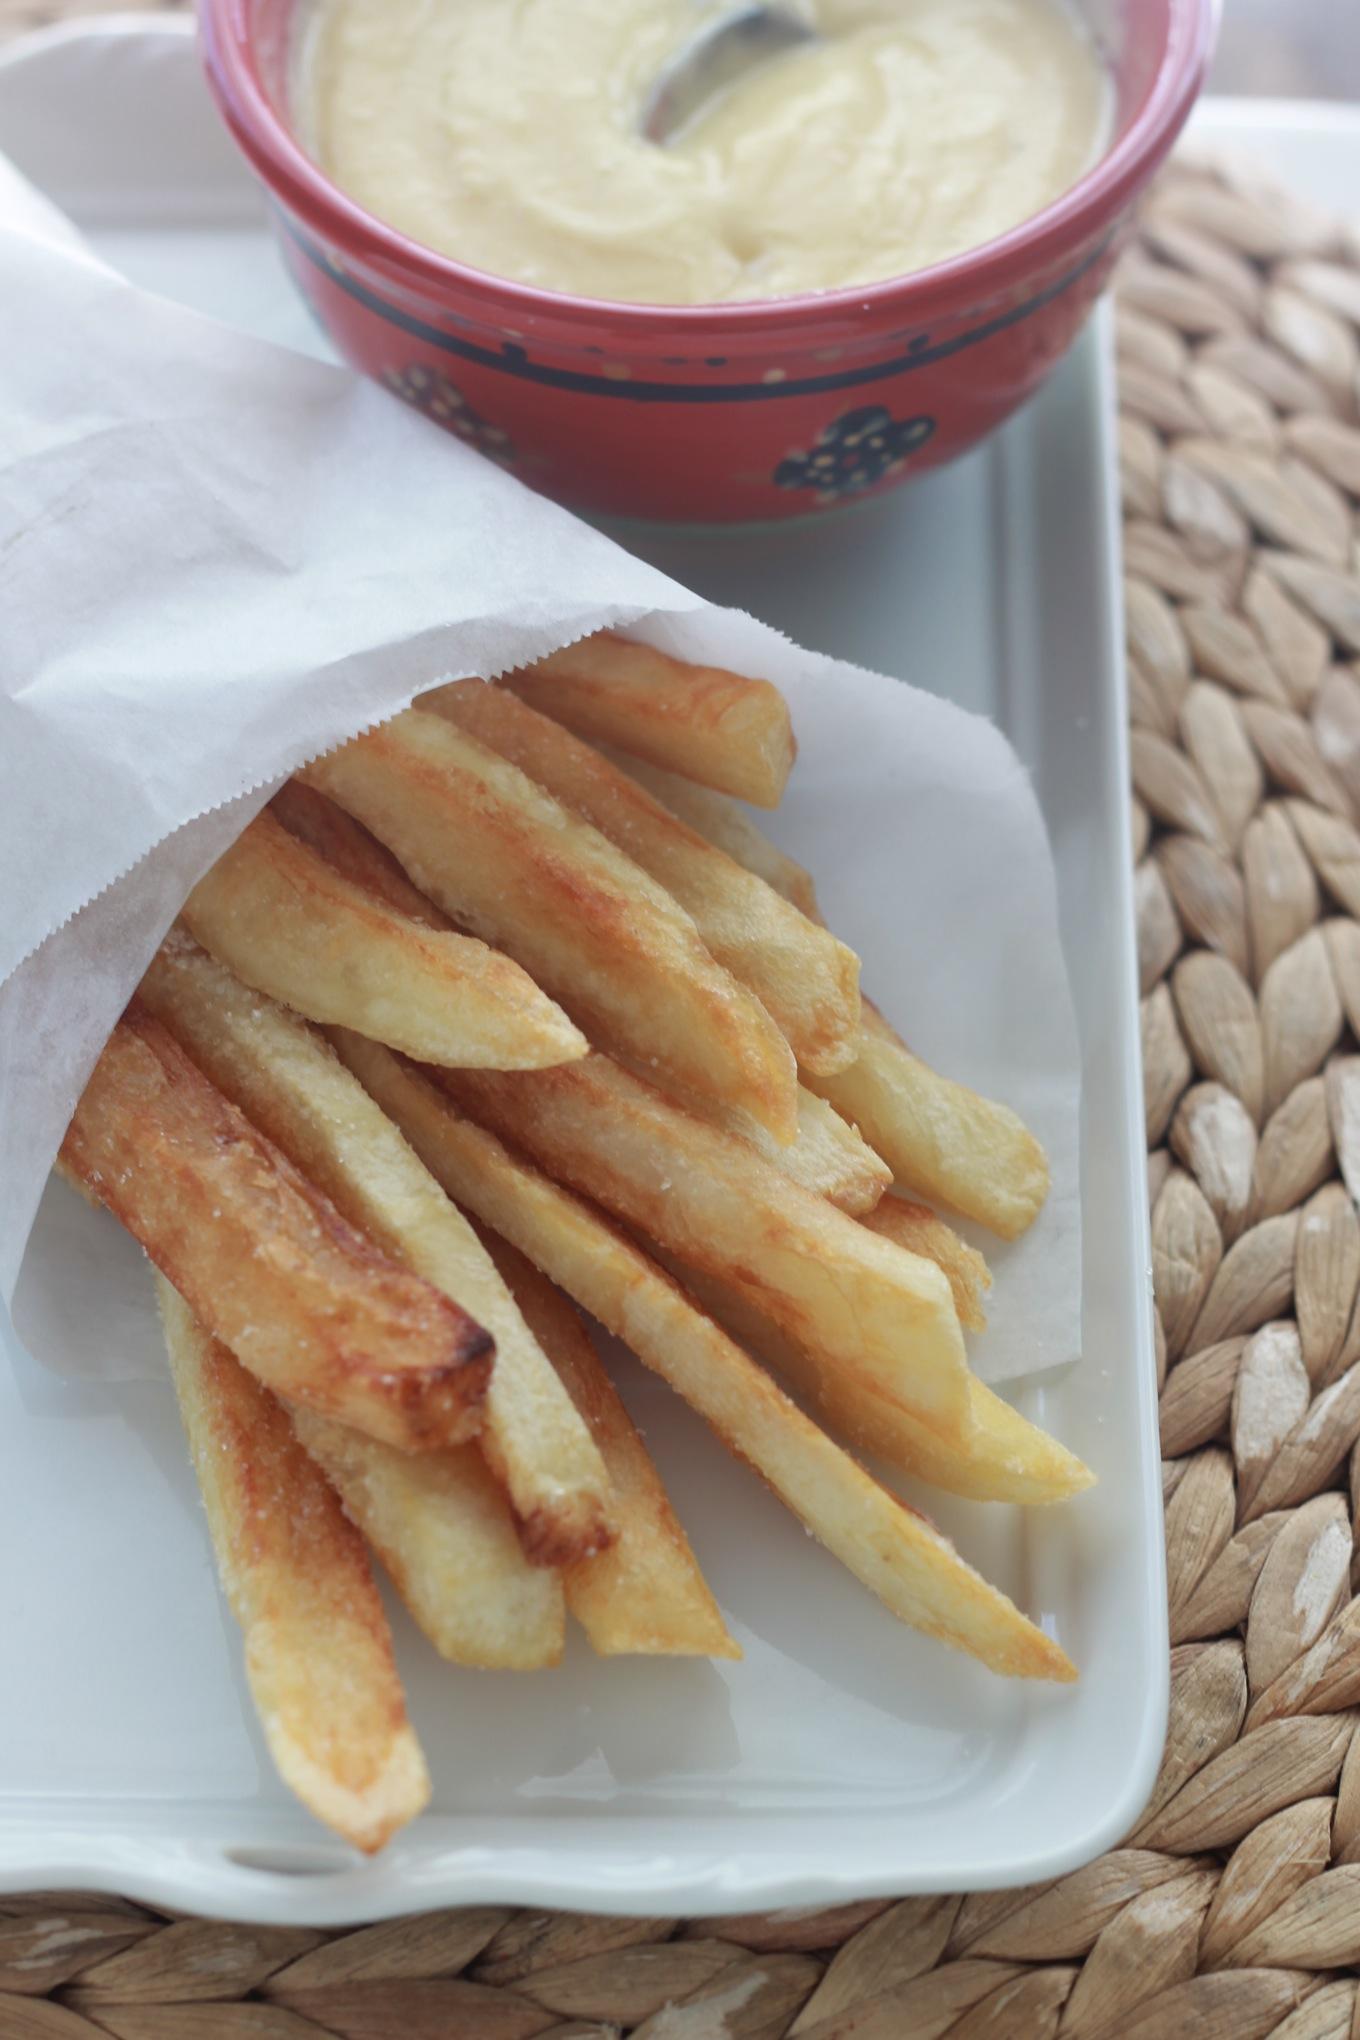 Qui A Inventé Les Frites : inventé, frites, Frites, Belges, Cuisine, Culinaire